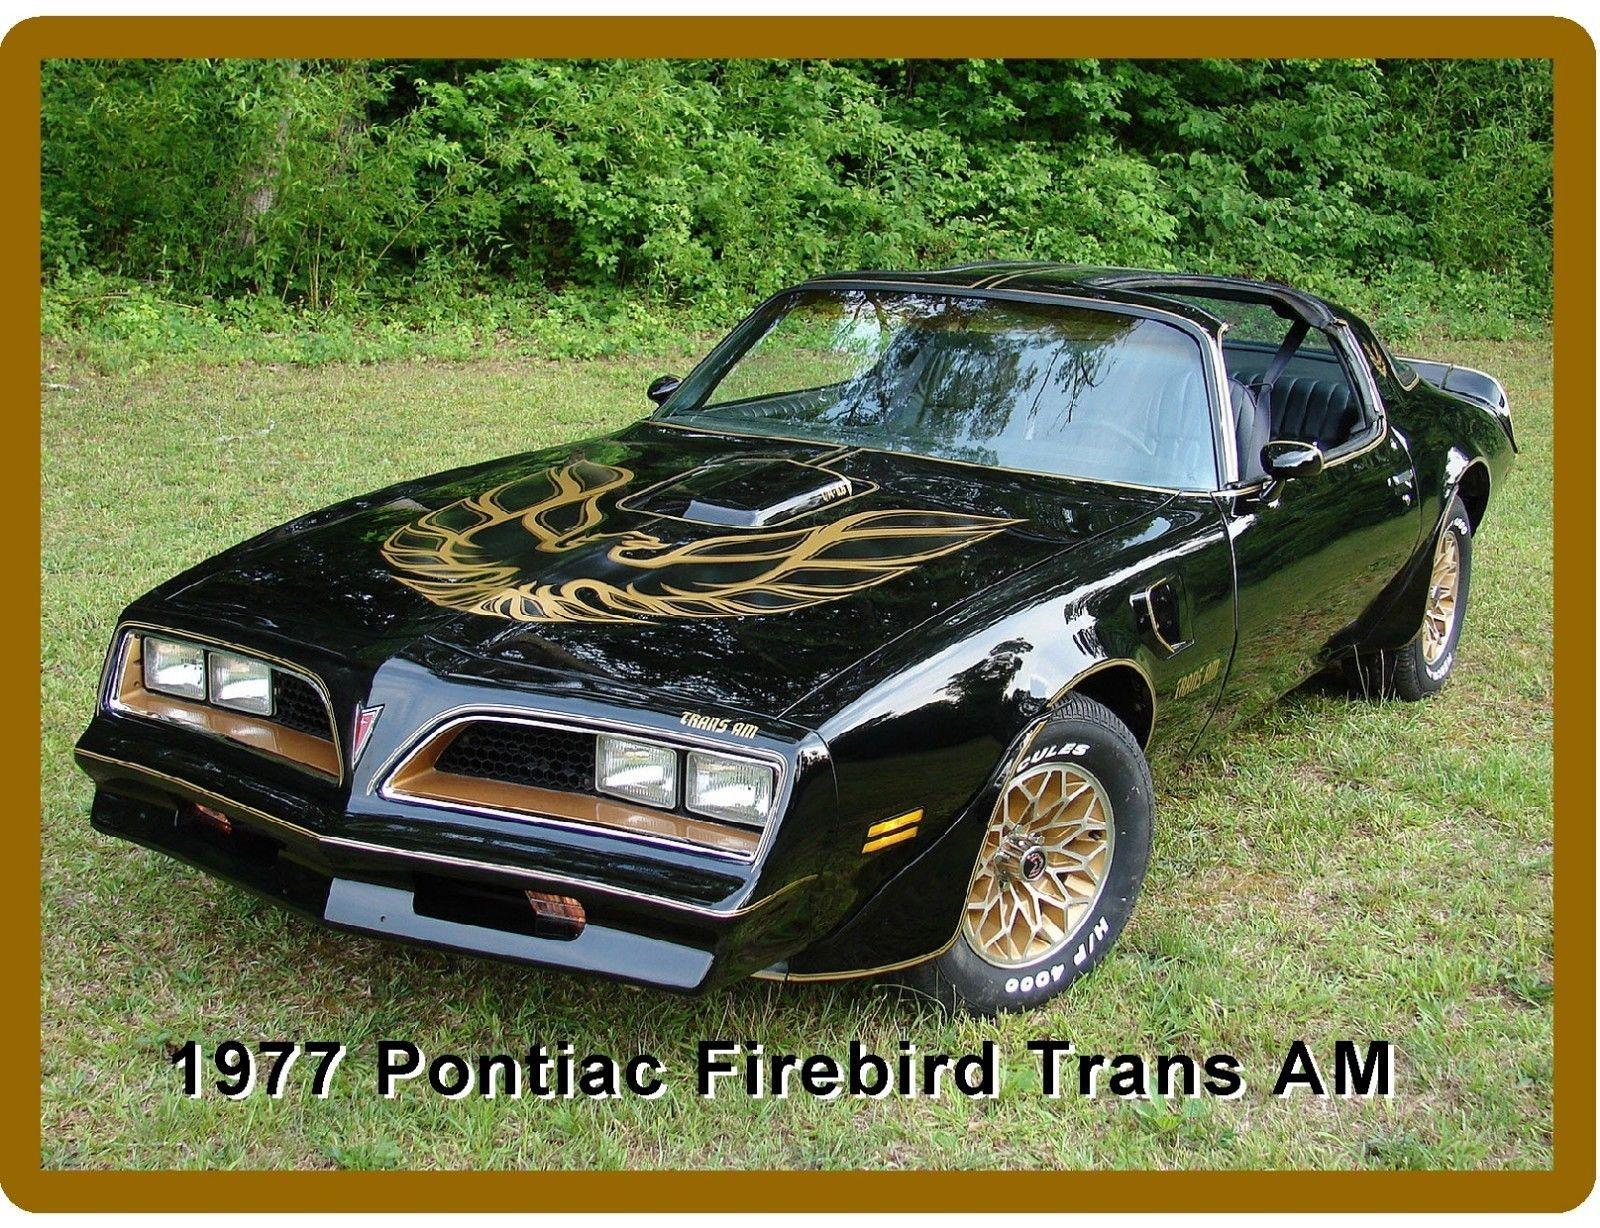 $5 5 1977 Pontiac Firebird Trans Am Auto Car Refrigerator Tool